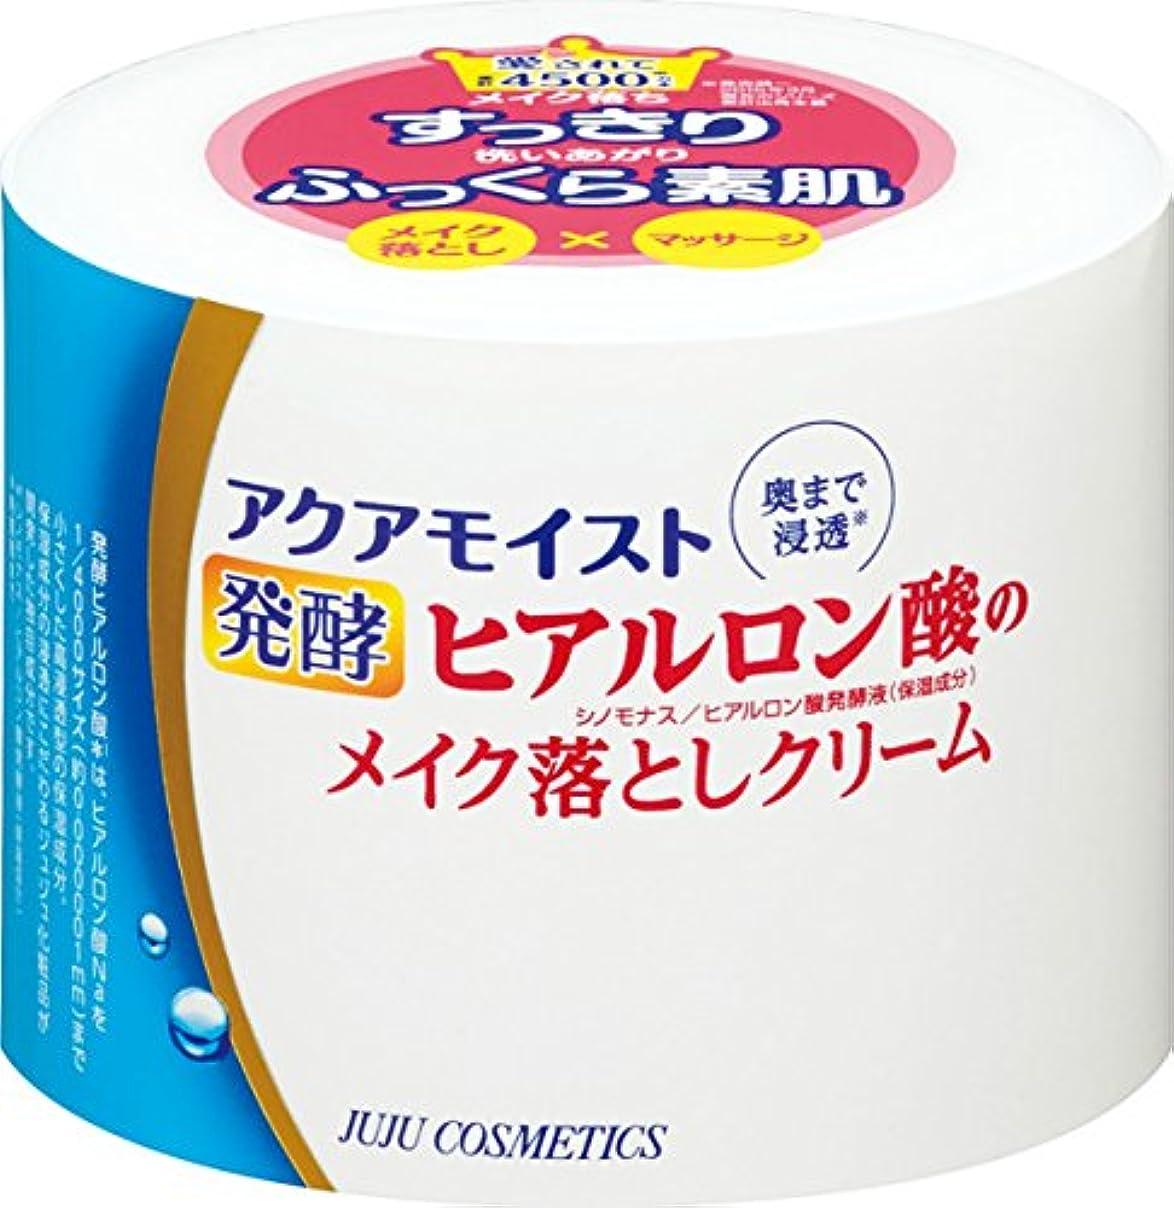 珍しい獲物ラフアクアモイスト 発酵ヒアルロン酸のメイク落としクリーム 160g